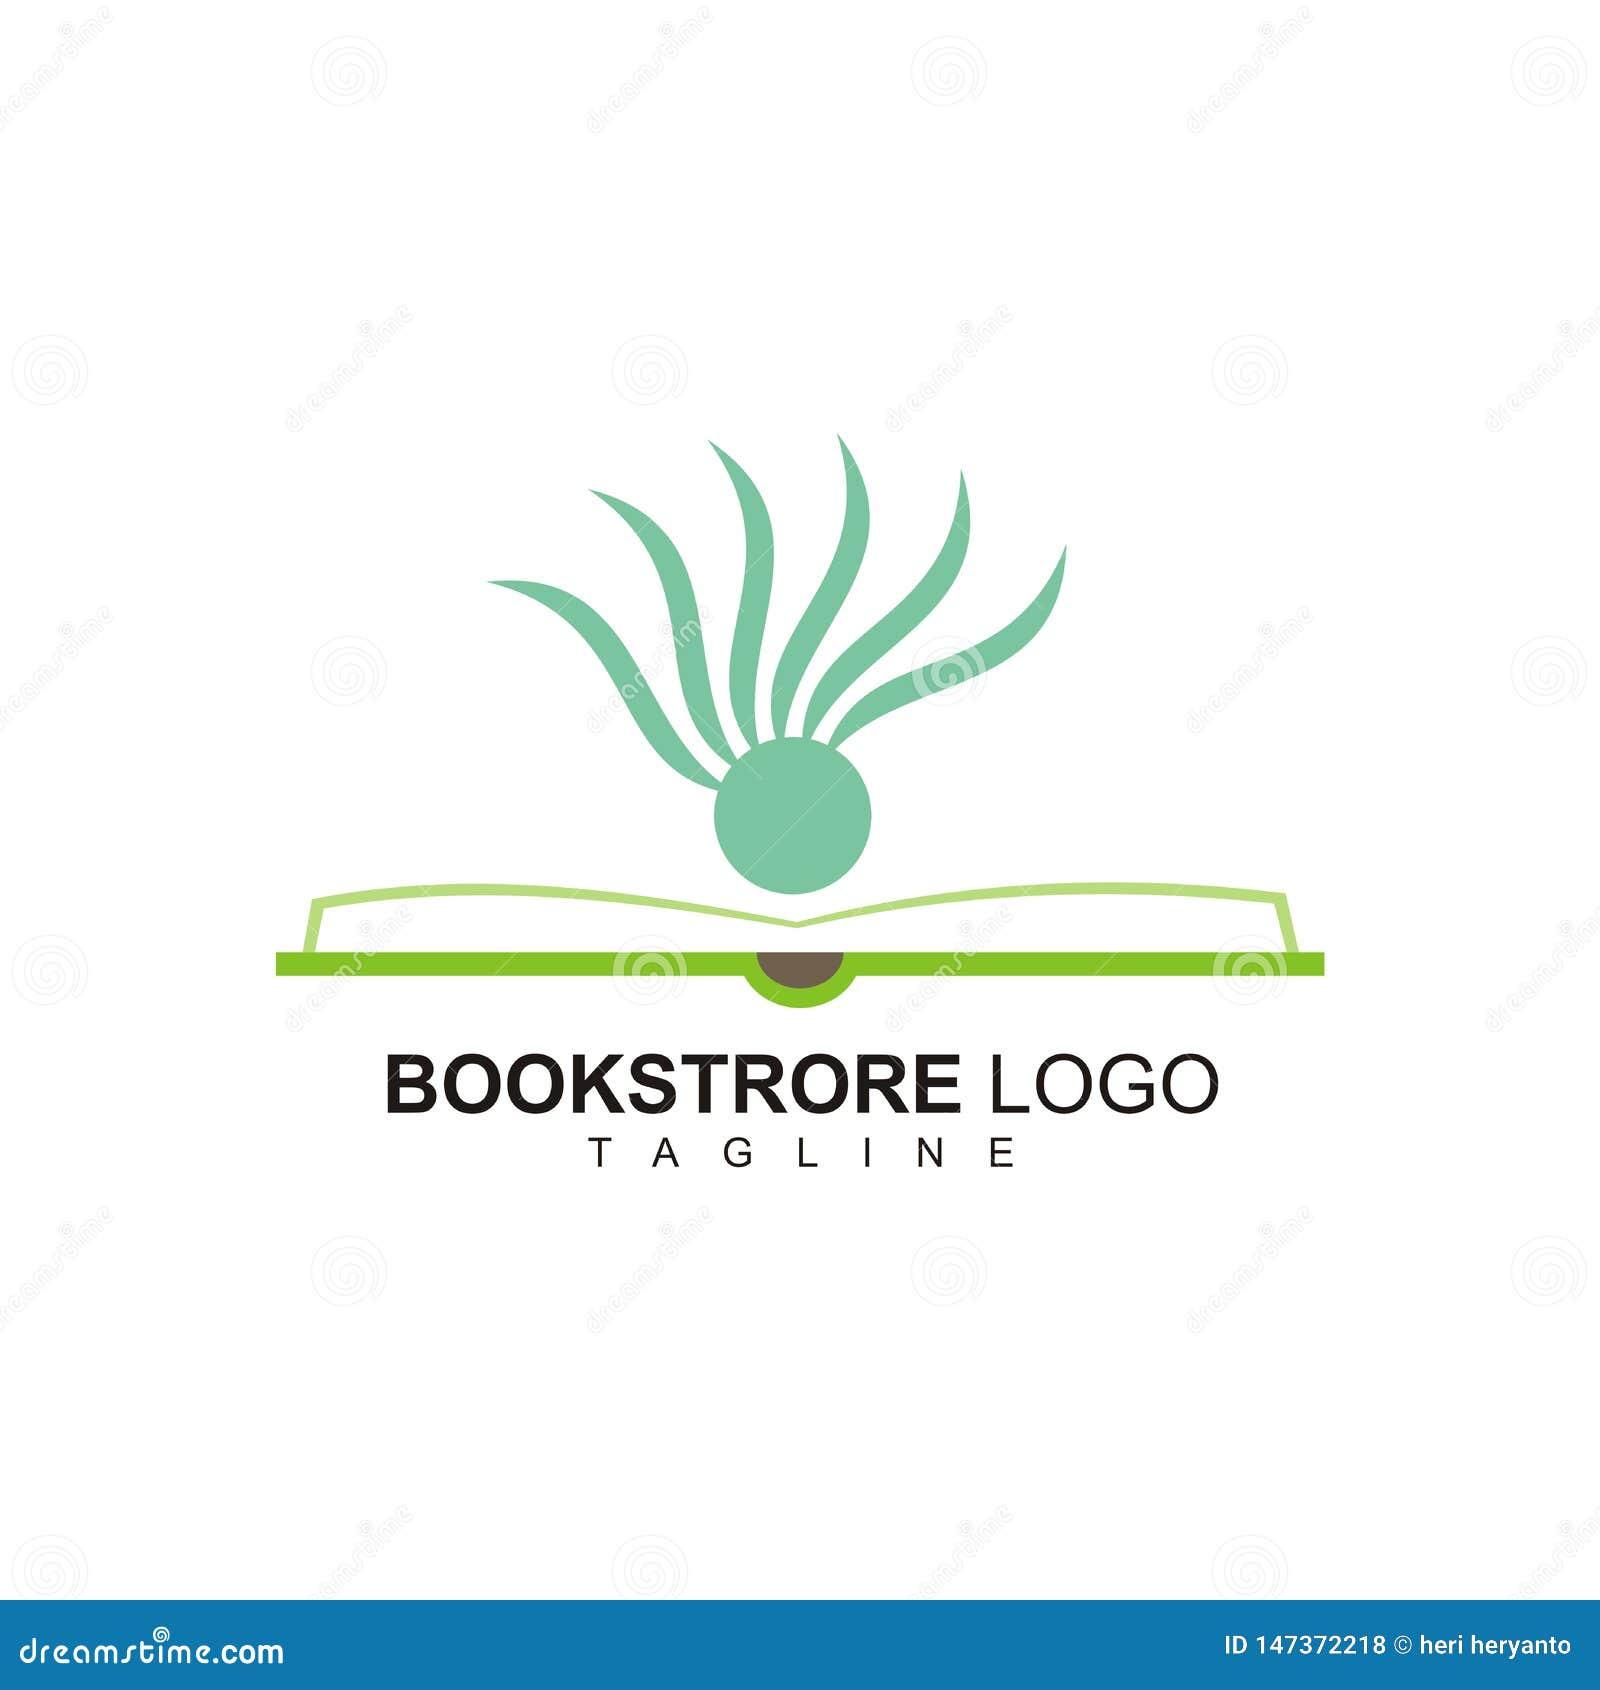 Il logo creativo della libreria